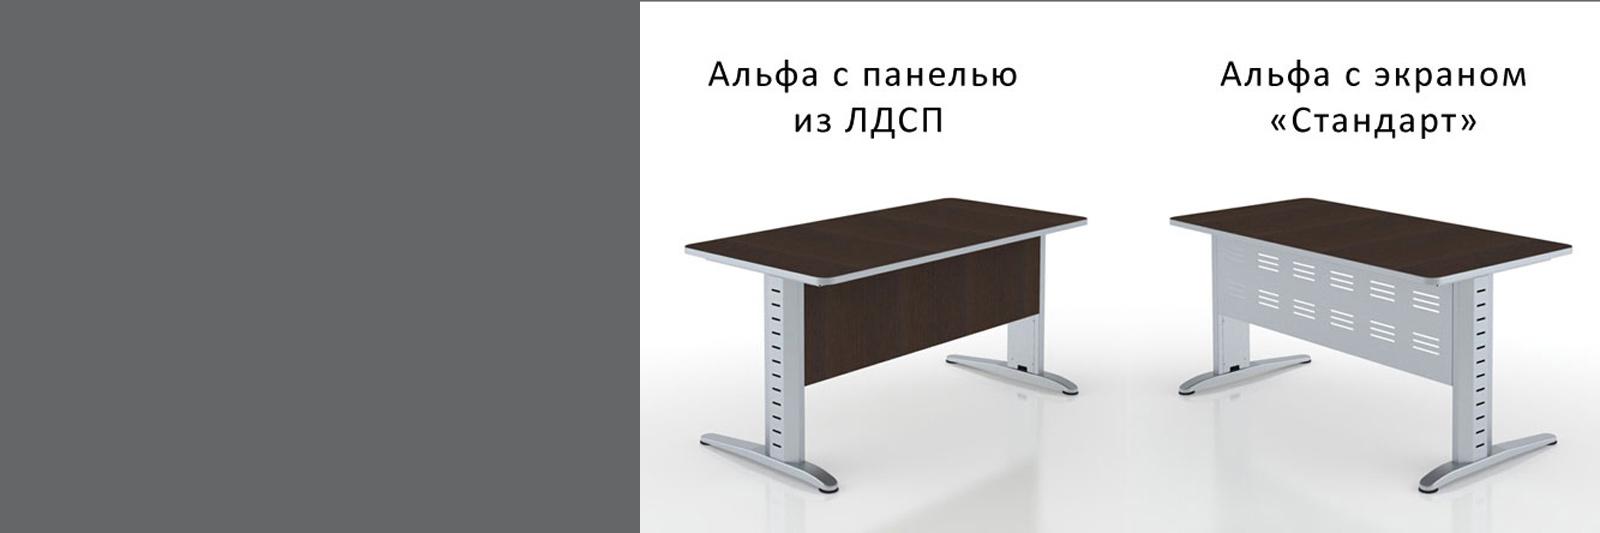 Металлокаркасы АЛЬФА для прямых столов